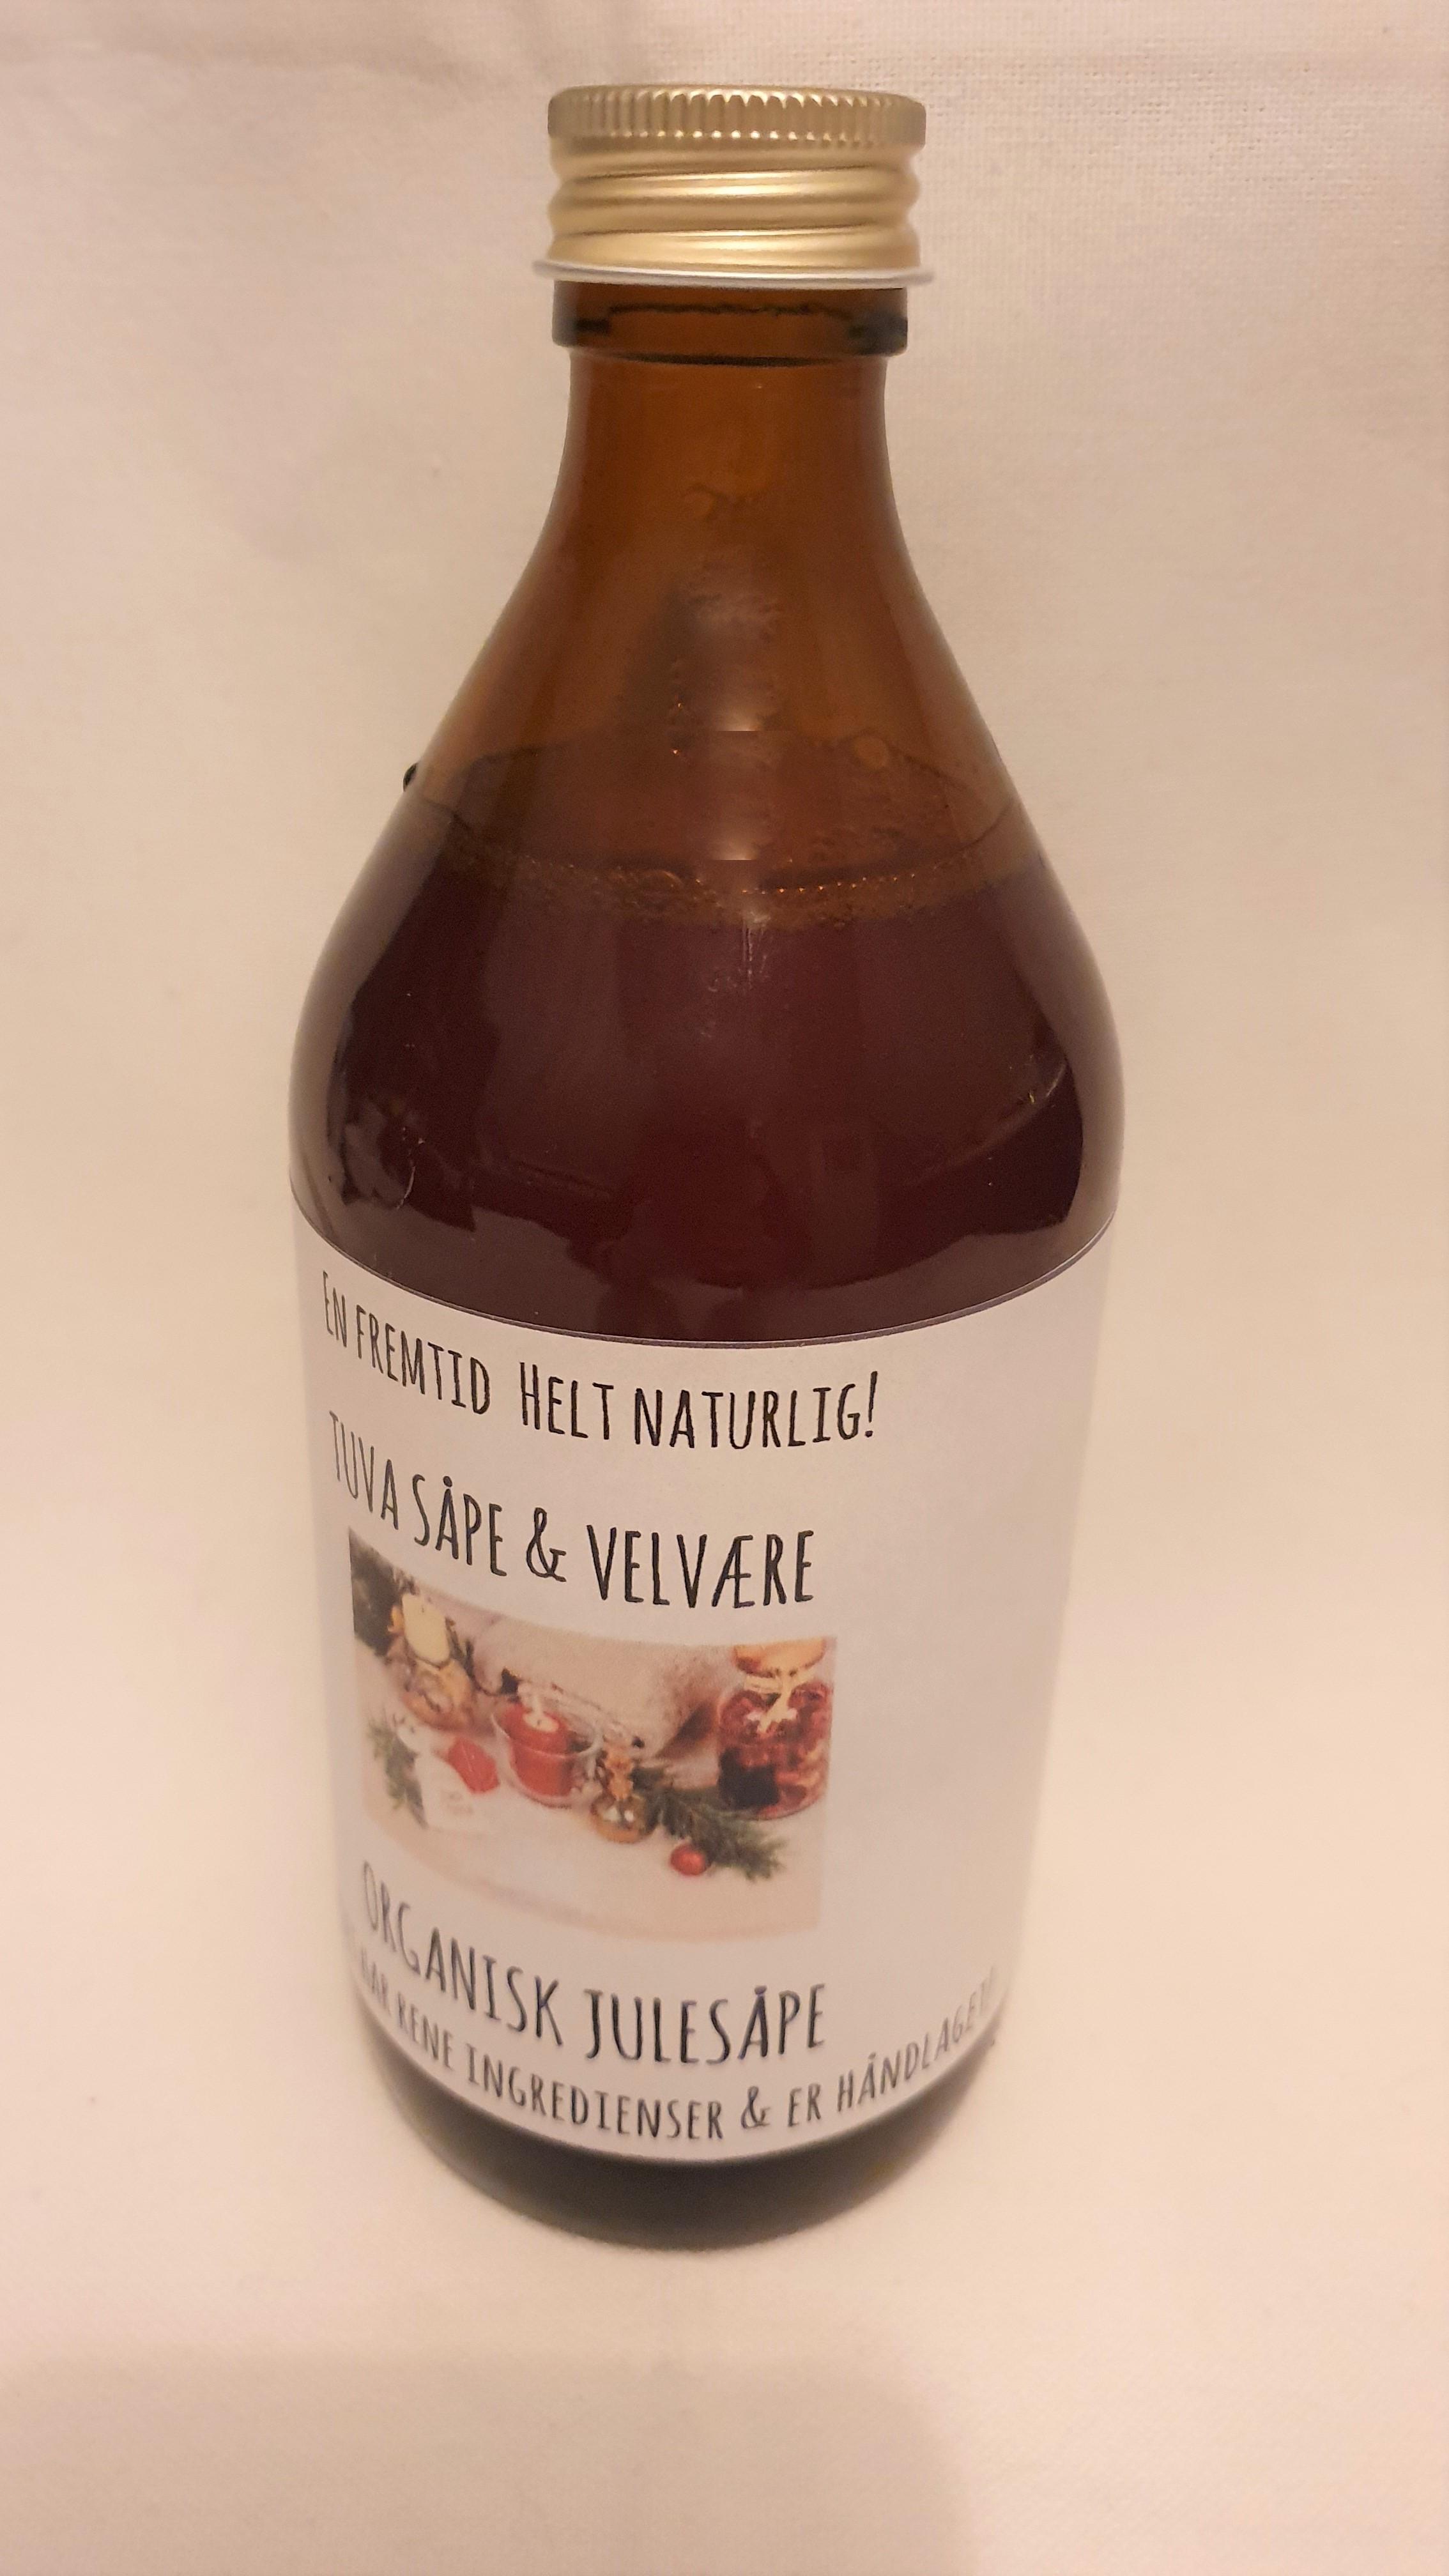 Glassflaske med Organisk Julesåpe  Appelsin & Kanel